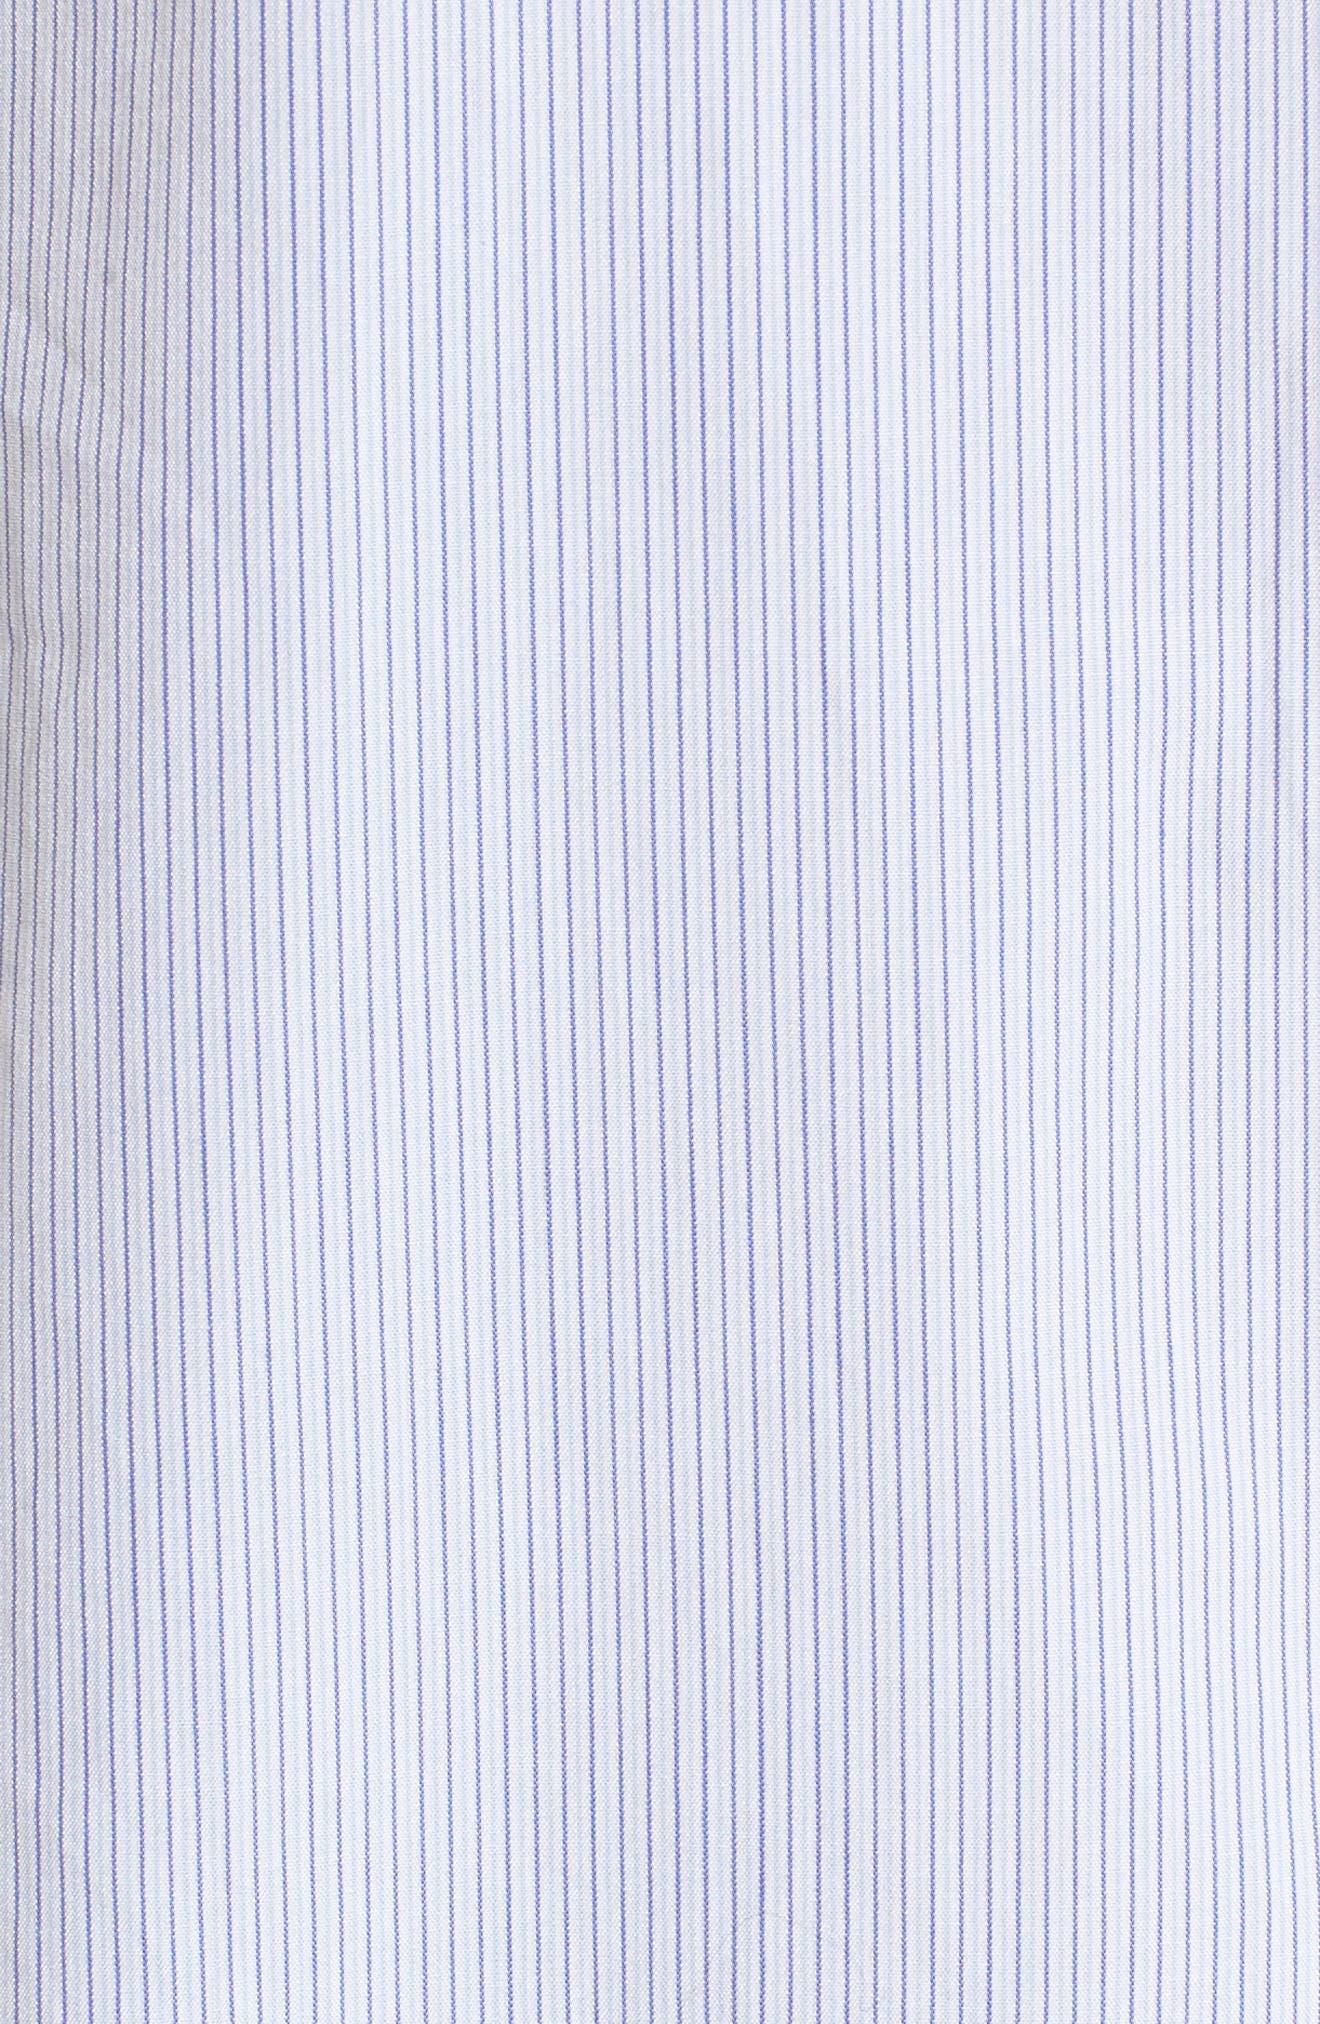 Popover Poplin Shirt,                             Alternate thumbnail 5, color,                             Blue- White Stripe